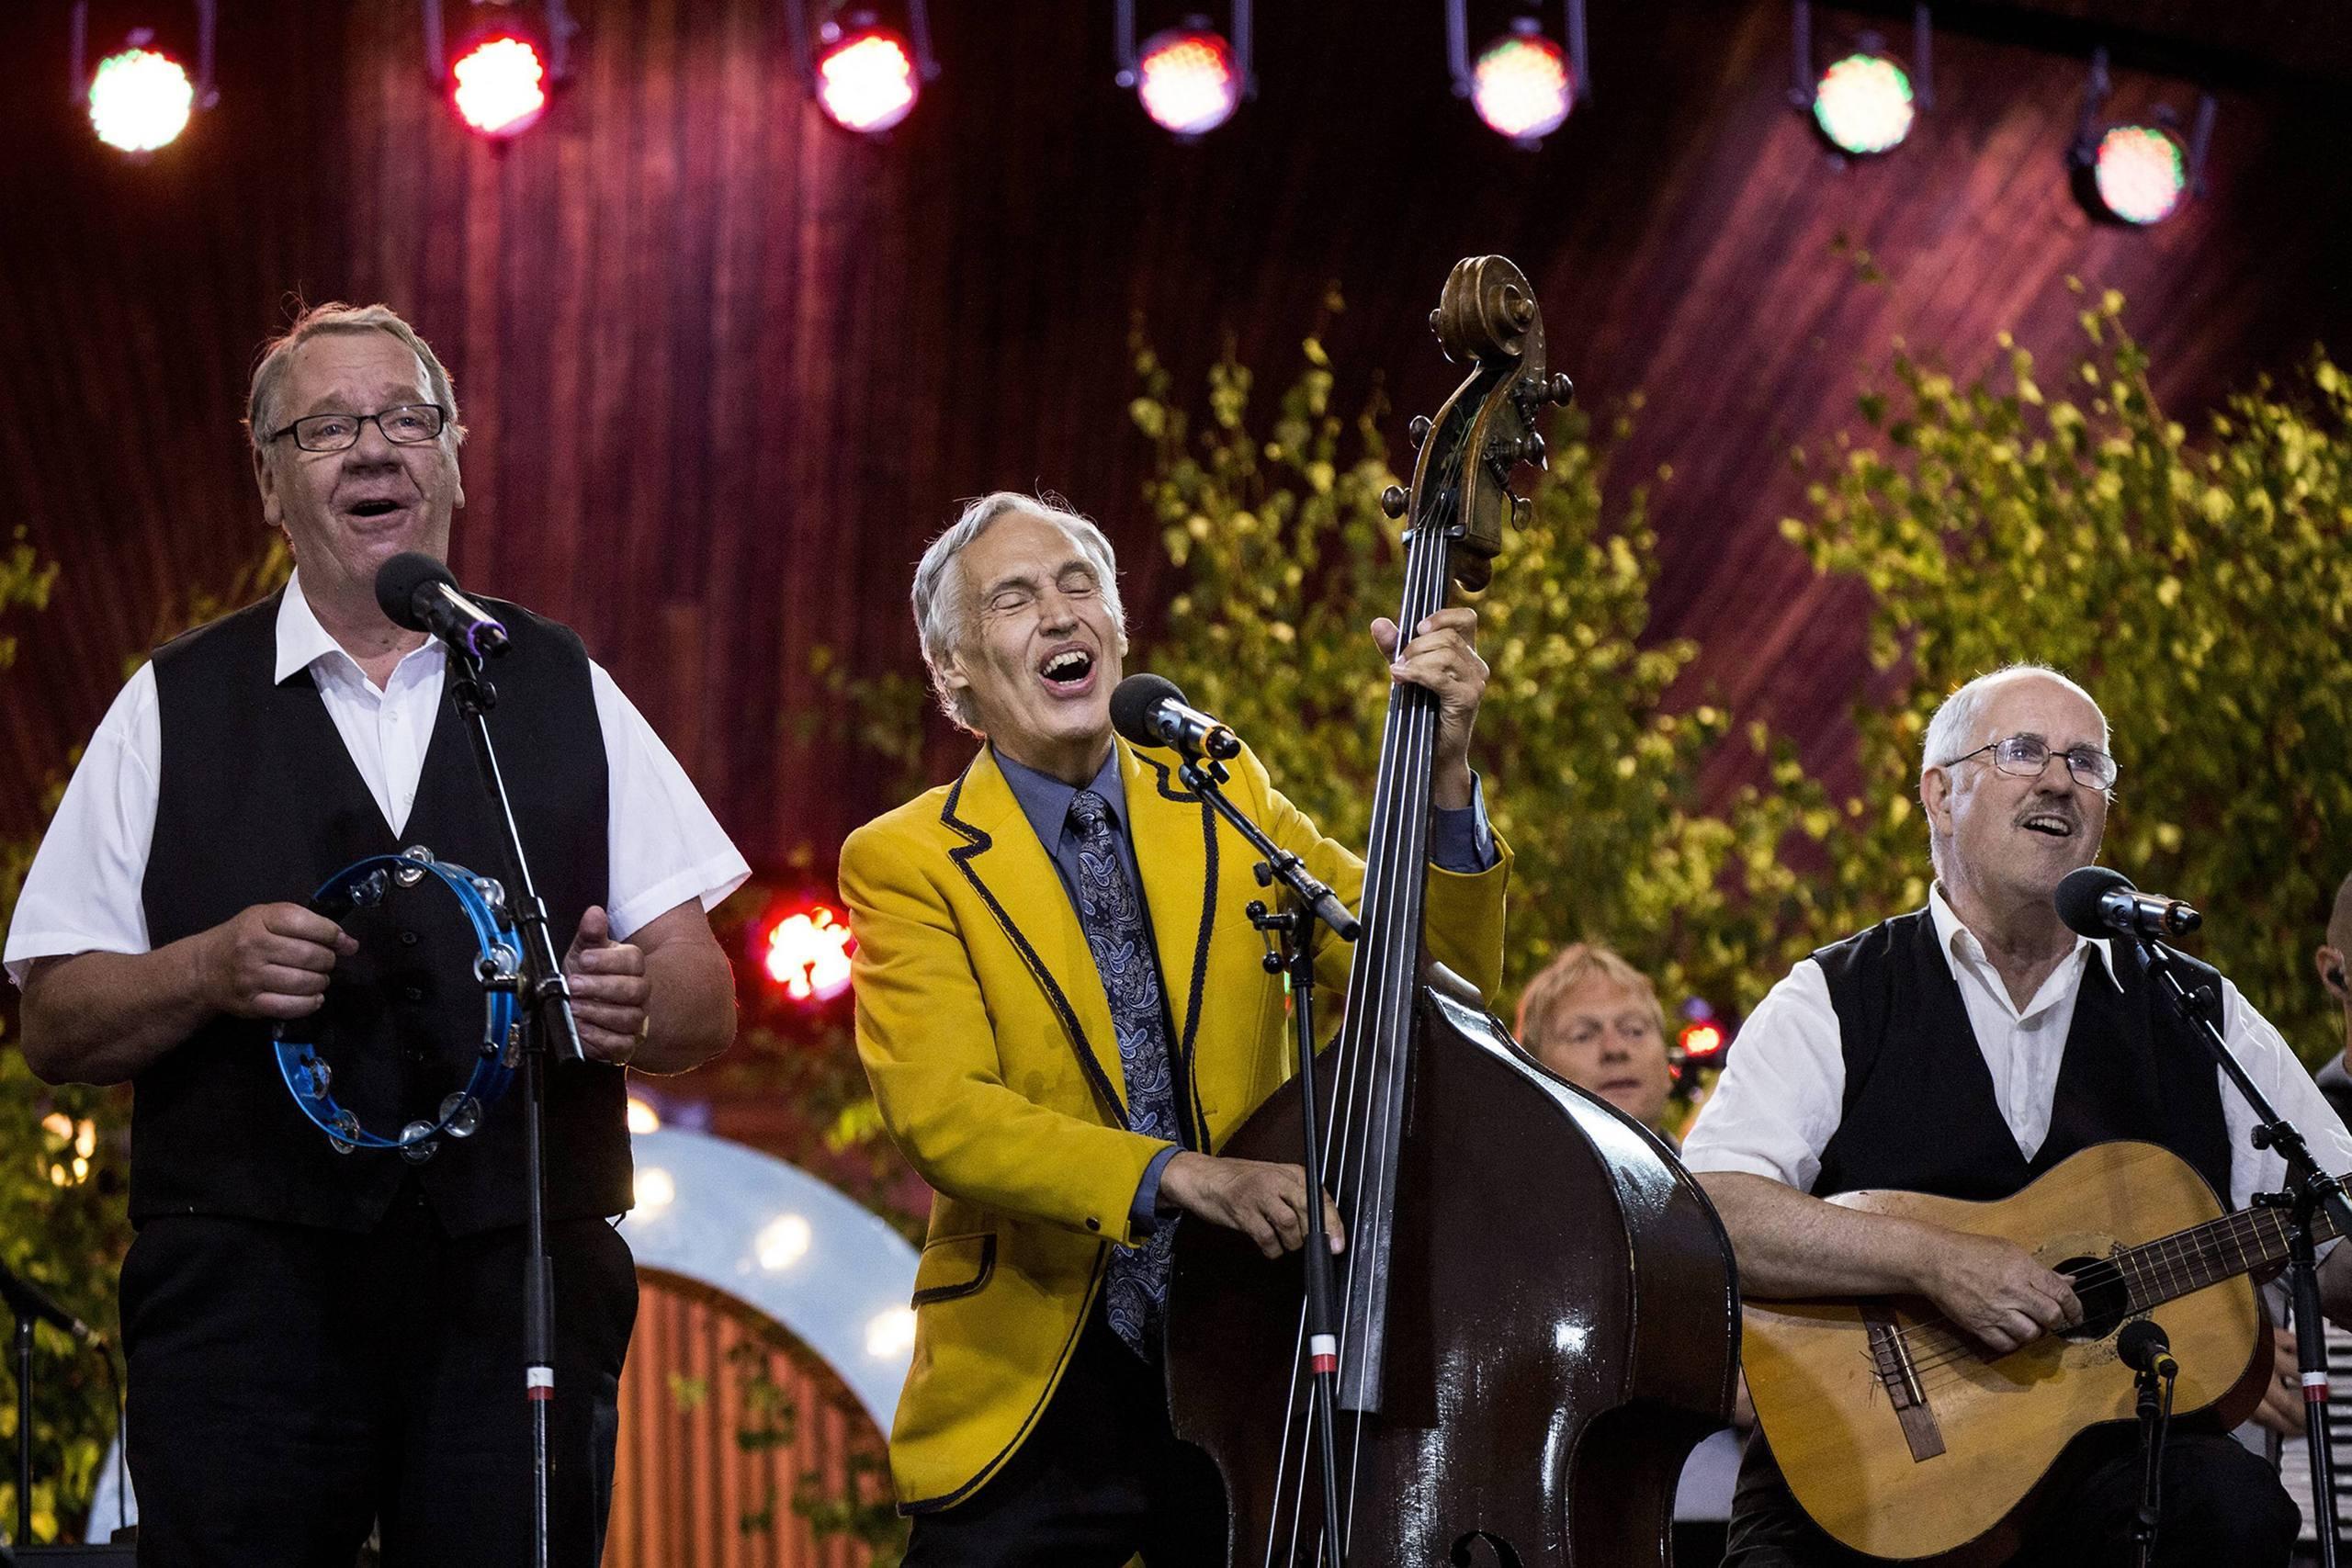 Då rullar inlandsbanefestivalen och Trio Me' Bumba in i länet – årets tema är kultur i rörelse